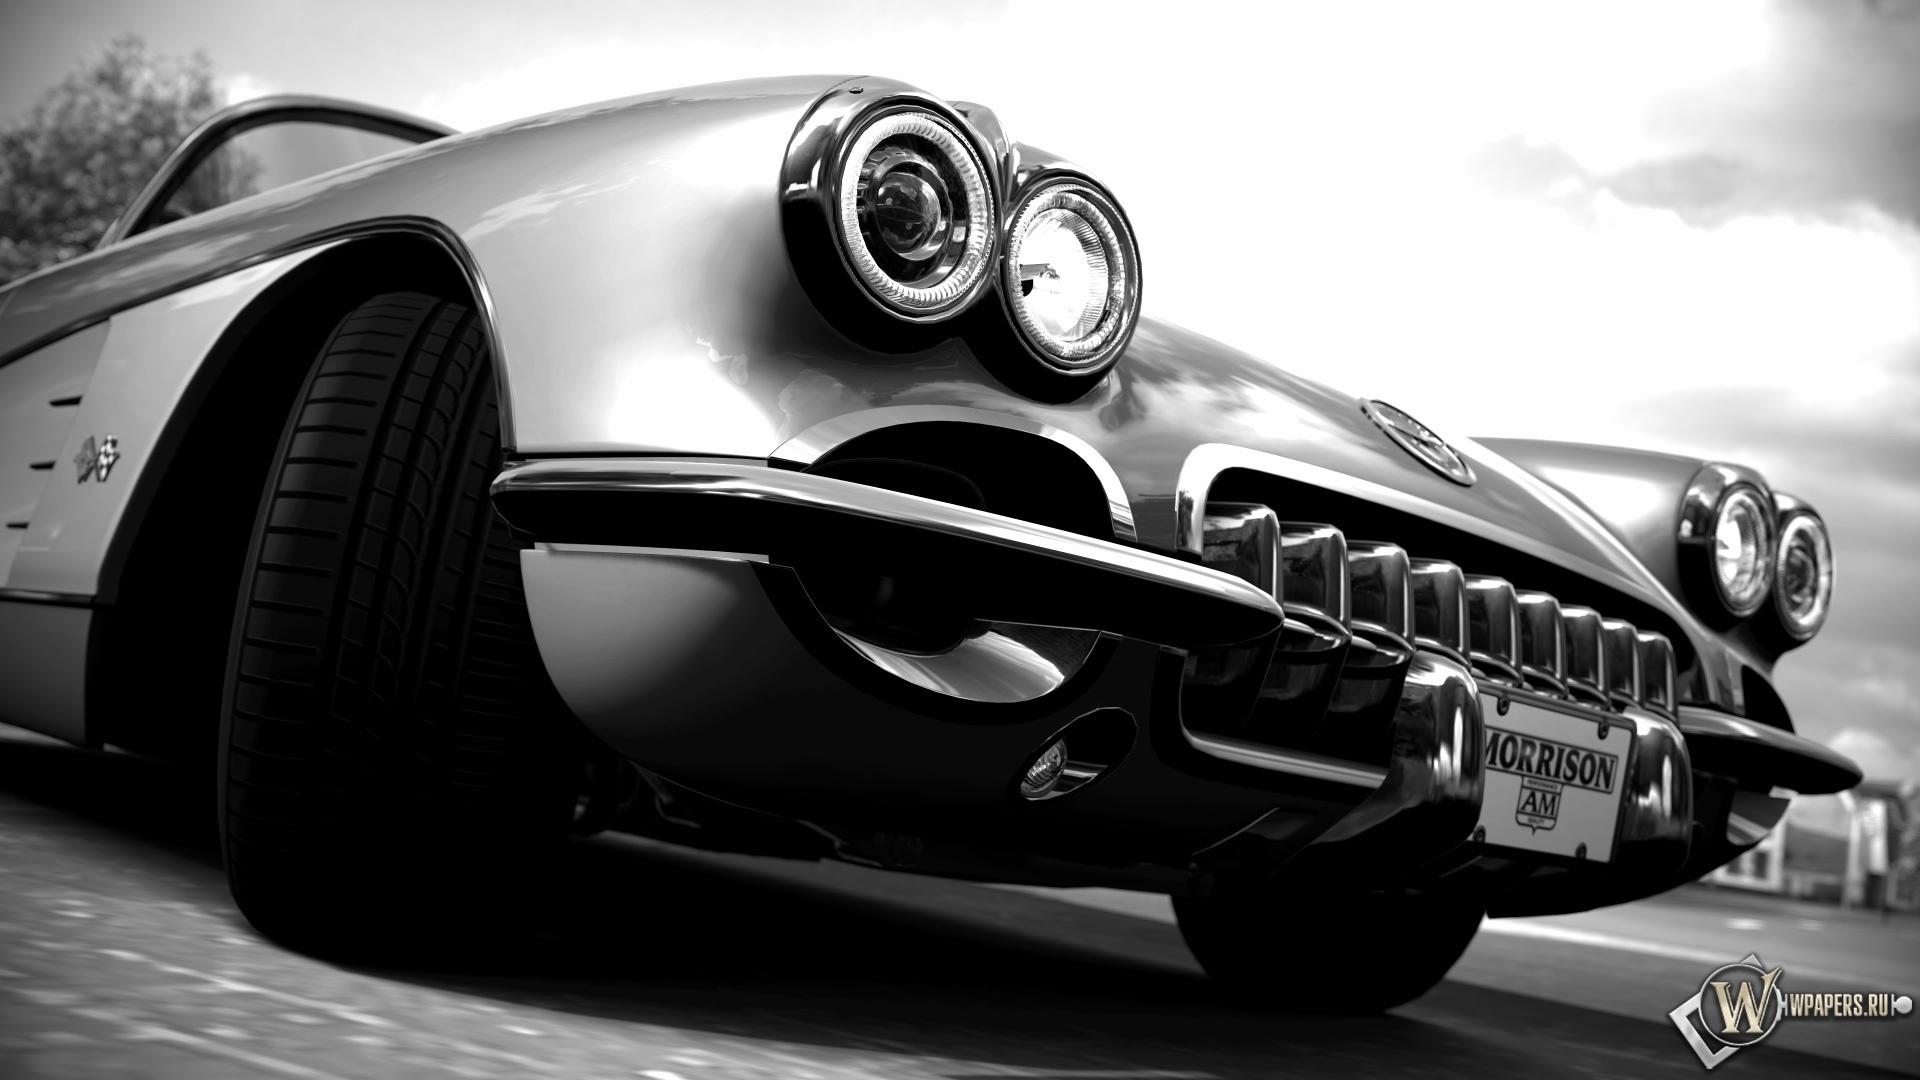 porsche cars hd wallpapers